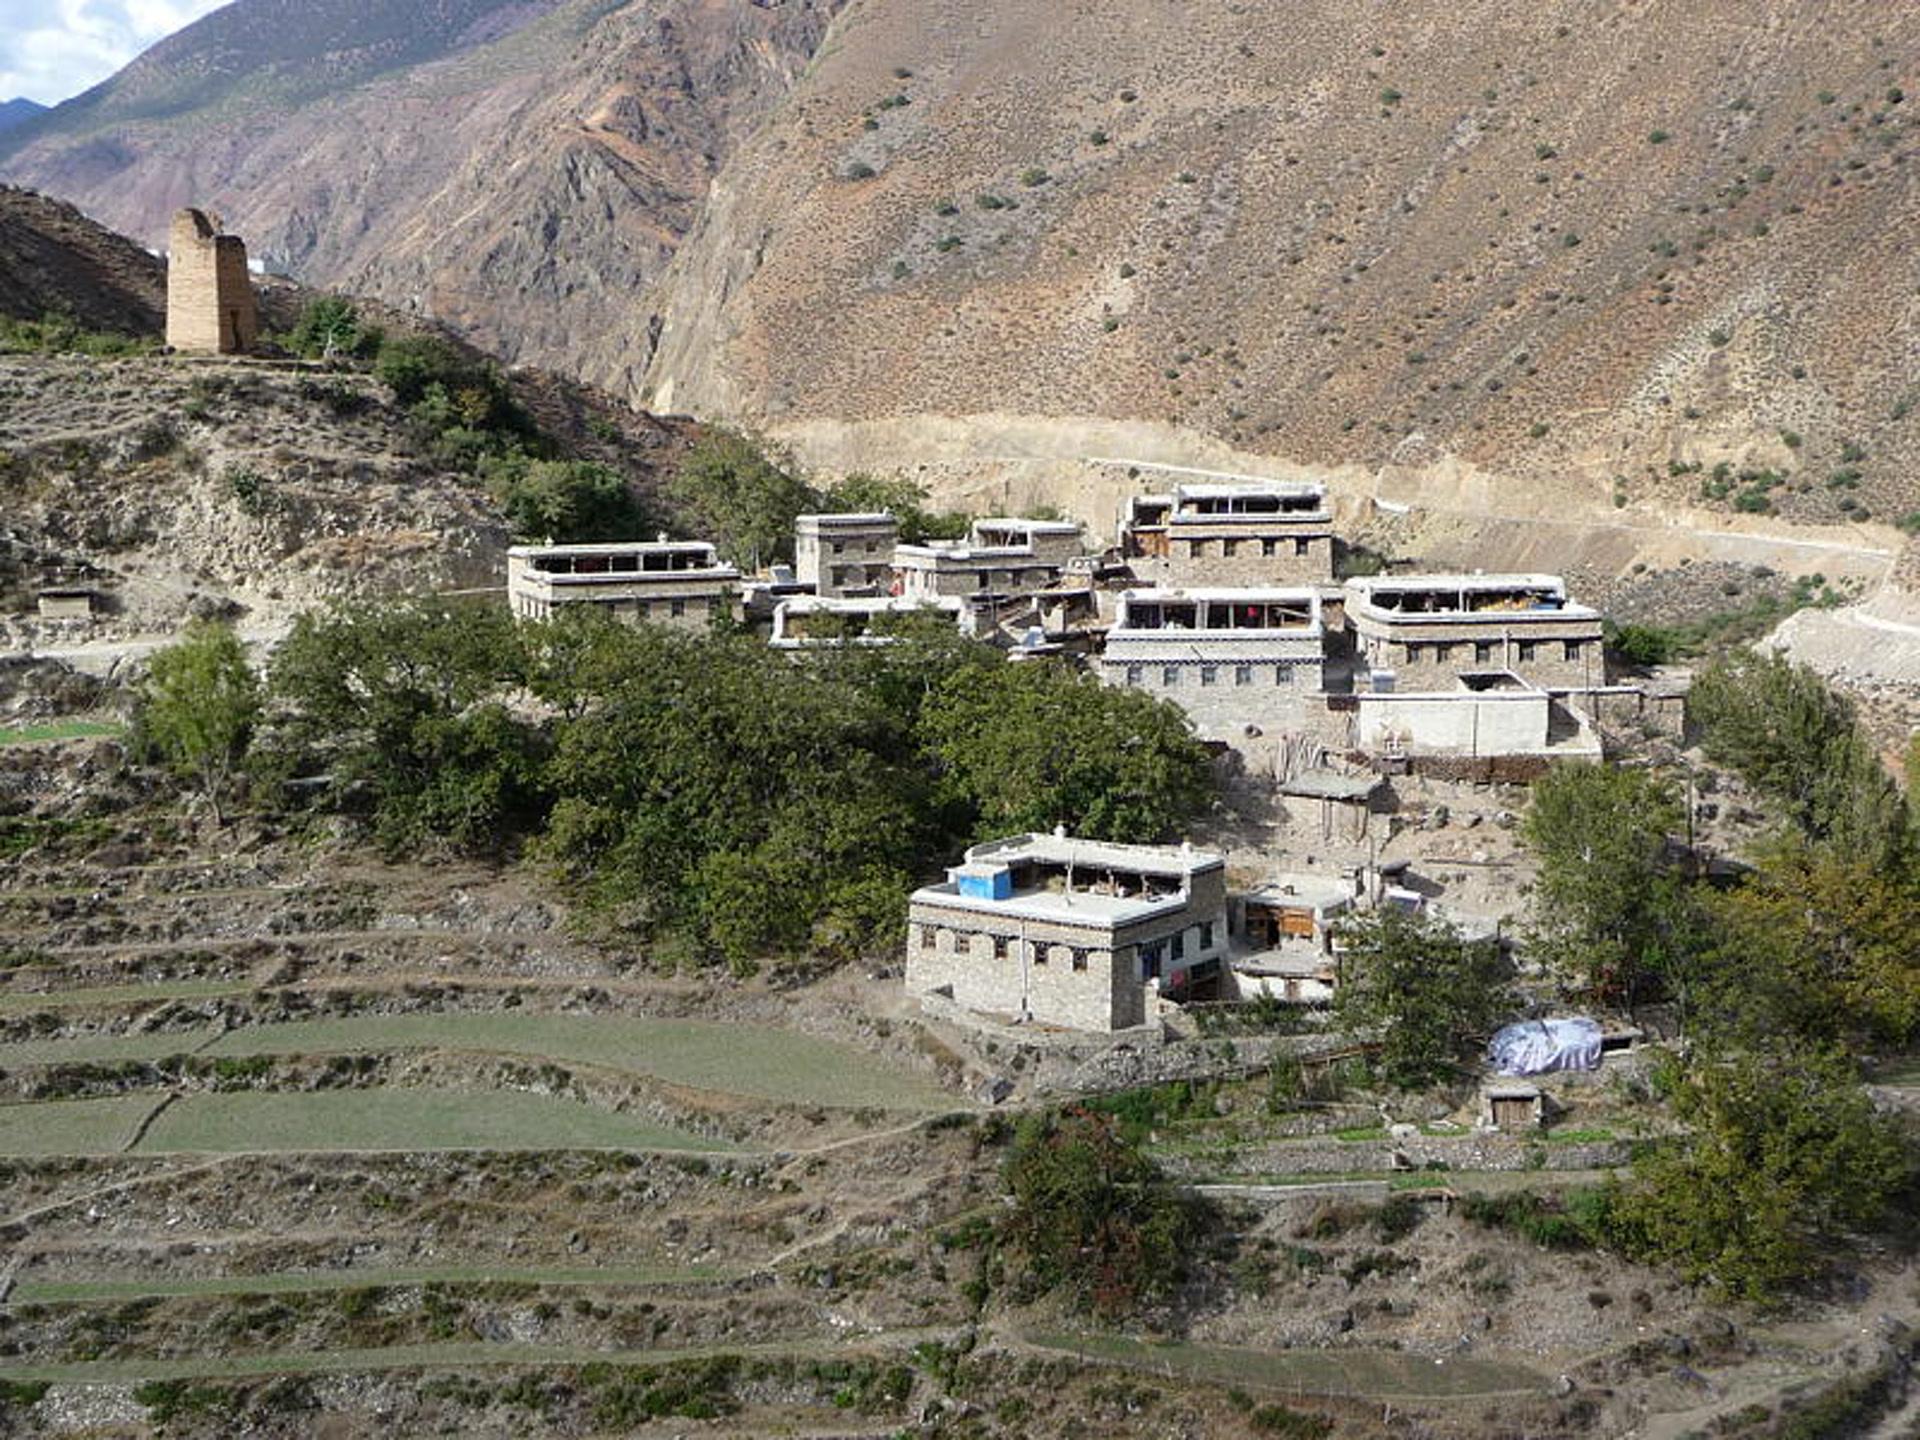 Village de Lanman (兰满村), Canton de Shuiluo (水洛乡), comté autonome de Muli Tibet (木里藏族自治县), province du Sichuan, Chine, octobre 2005. Photo Katia Chirkova